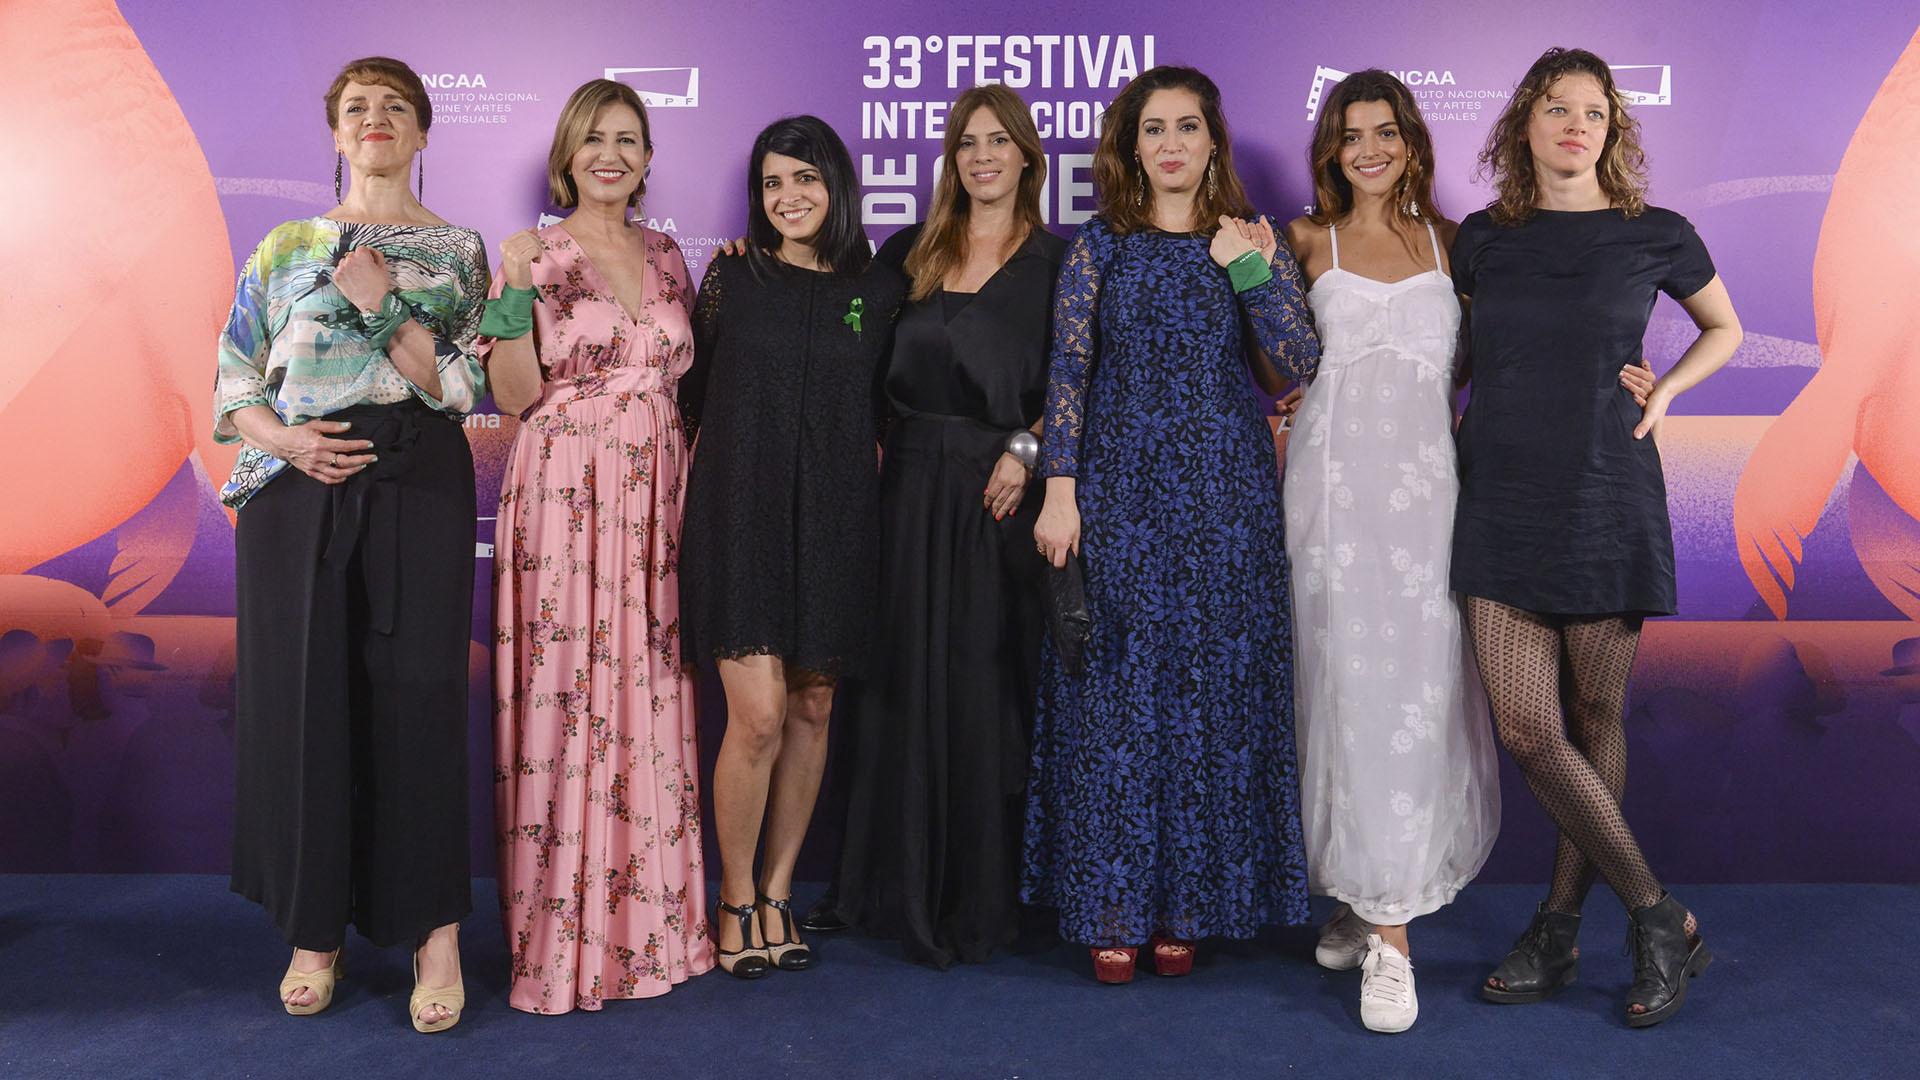 El 33º Festival Internacional de Mar del Plata se lleva a cabo en el teatro Auditorium (We Prensa y Comunicación)